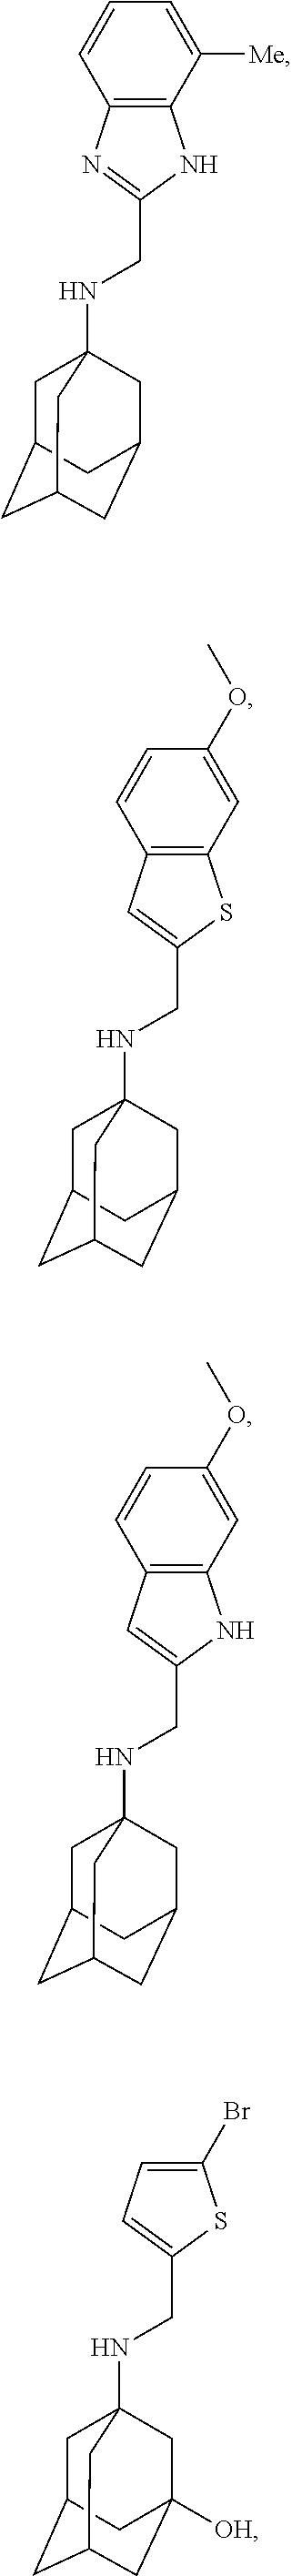 Figure US09884832-20180206-C00069